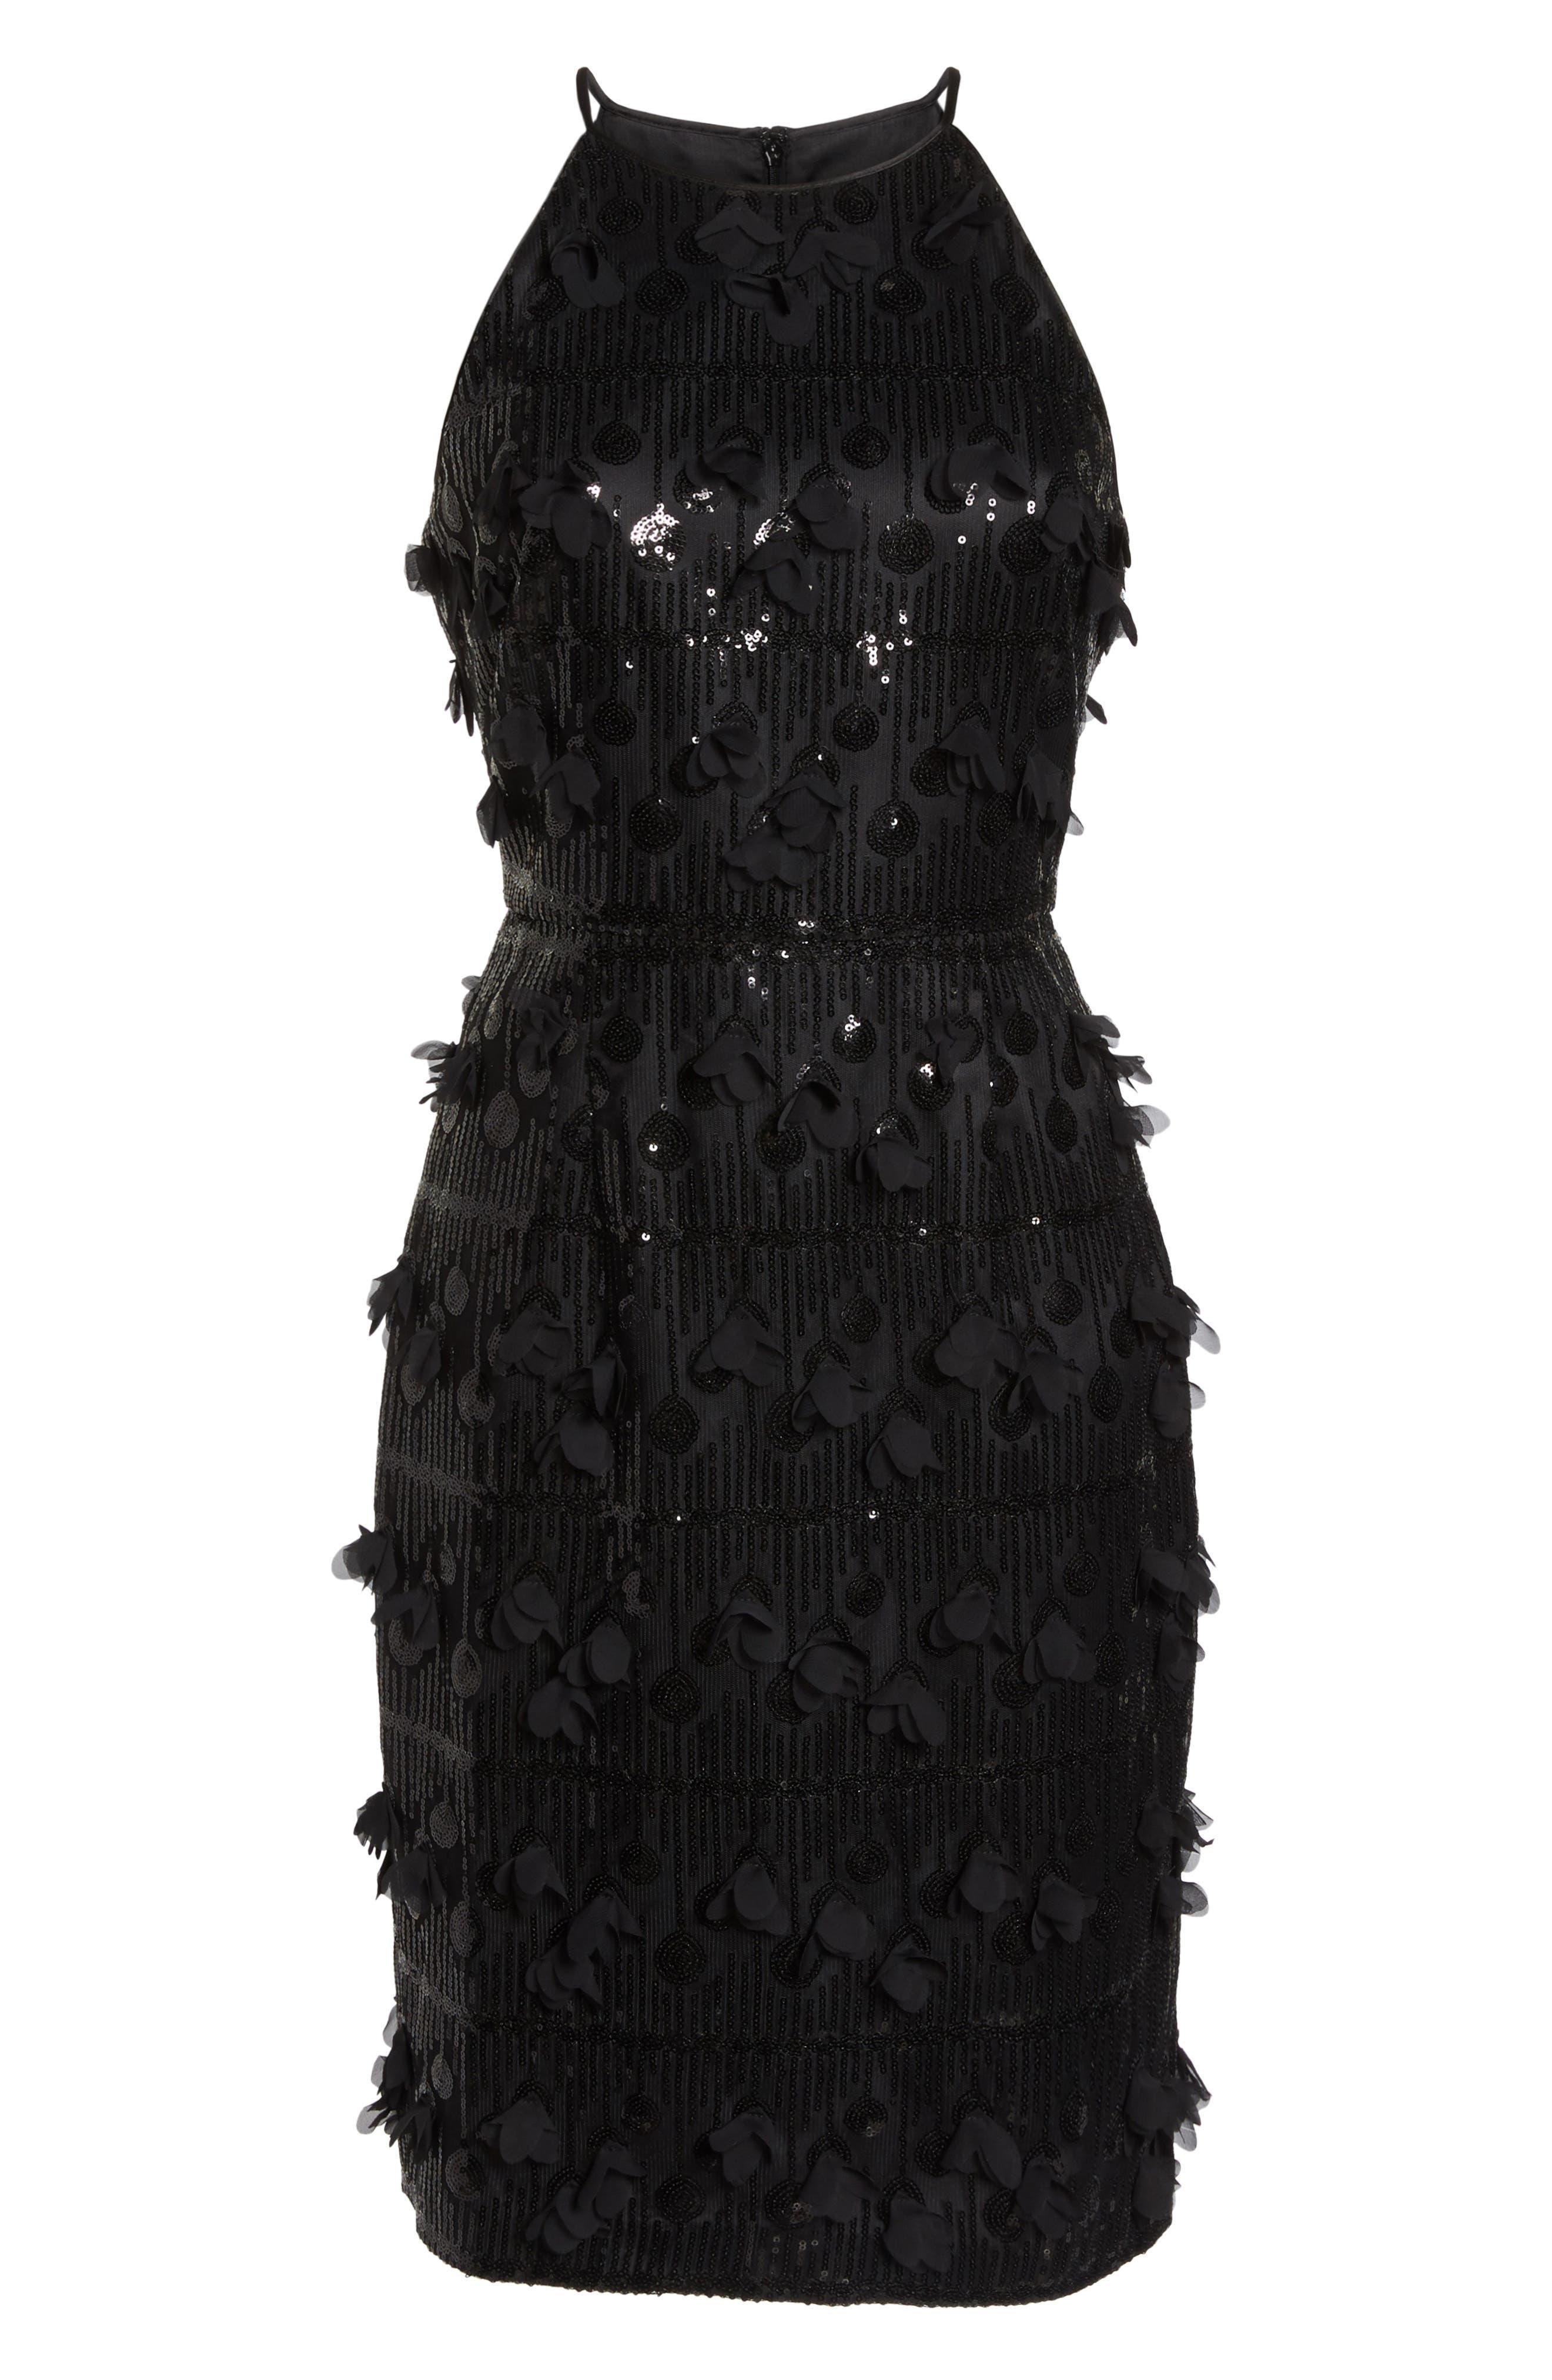 3D Floral & Sequin Cocktail Dress,                             Alternate thumbnail 7, color,                             001